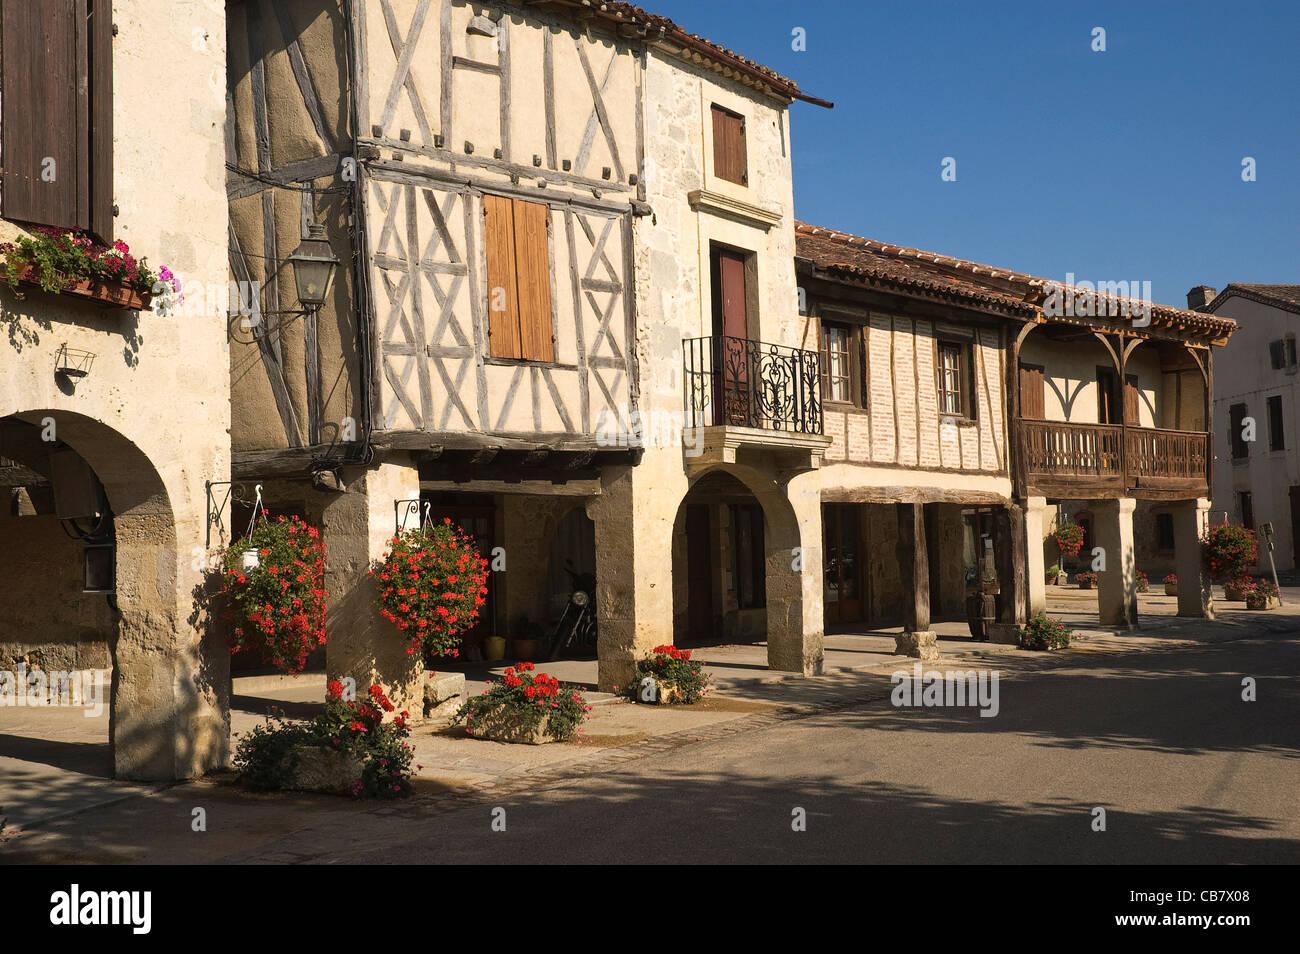 Elk196-1736 France, Aquitaine, Fources, scène de ville à l'architecture traditionnelle Photo Stock